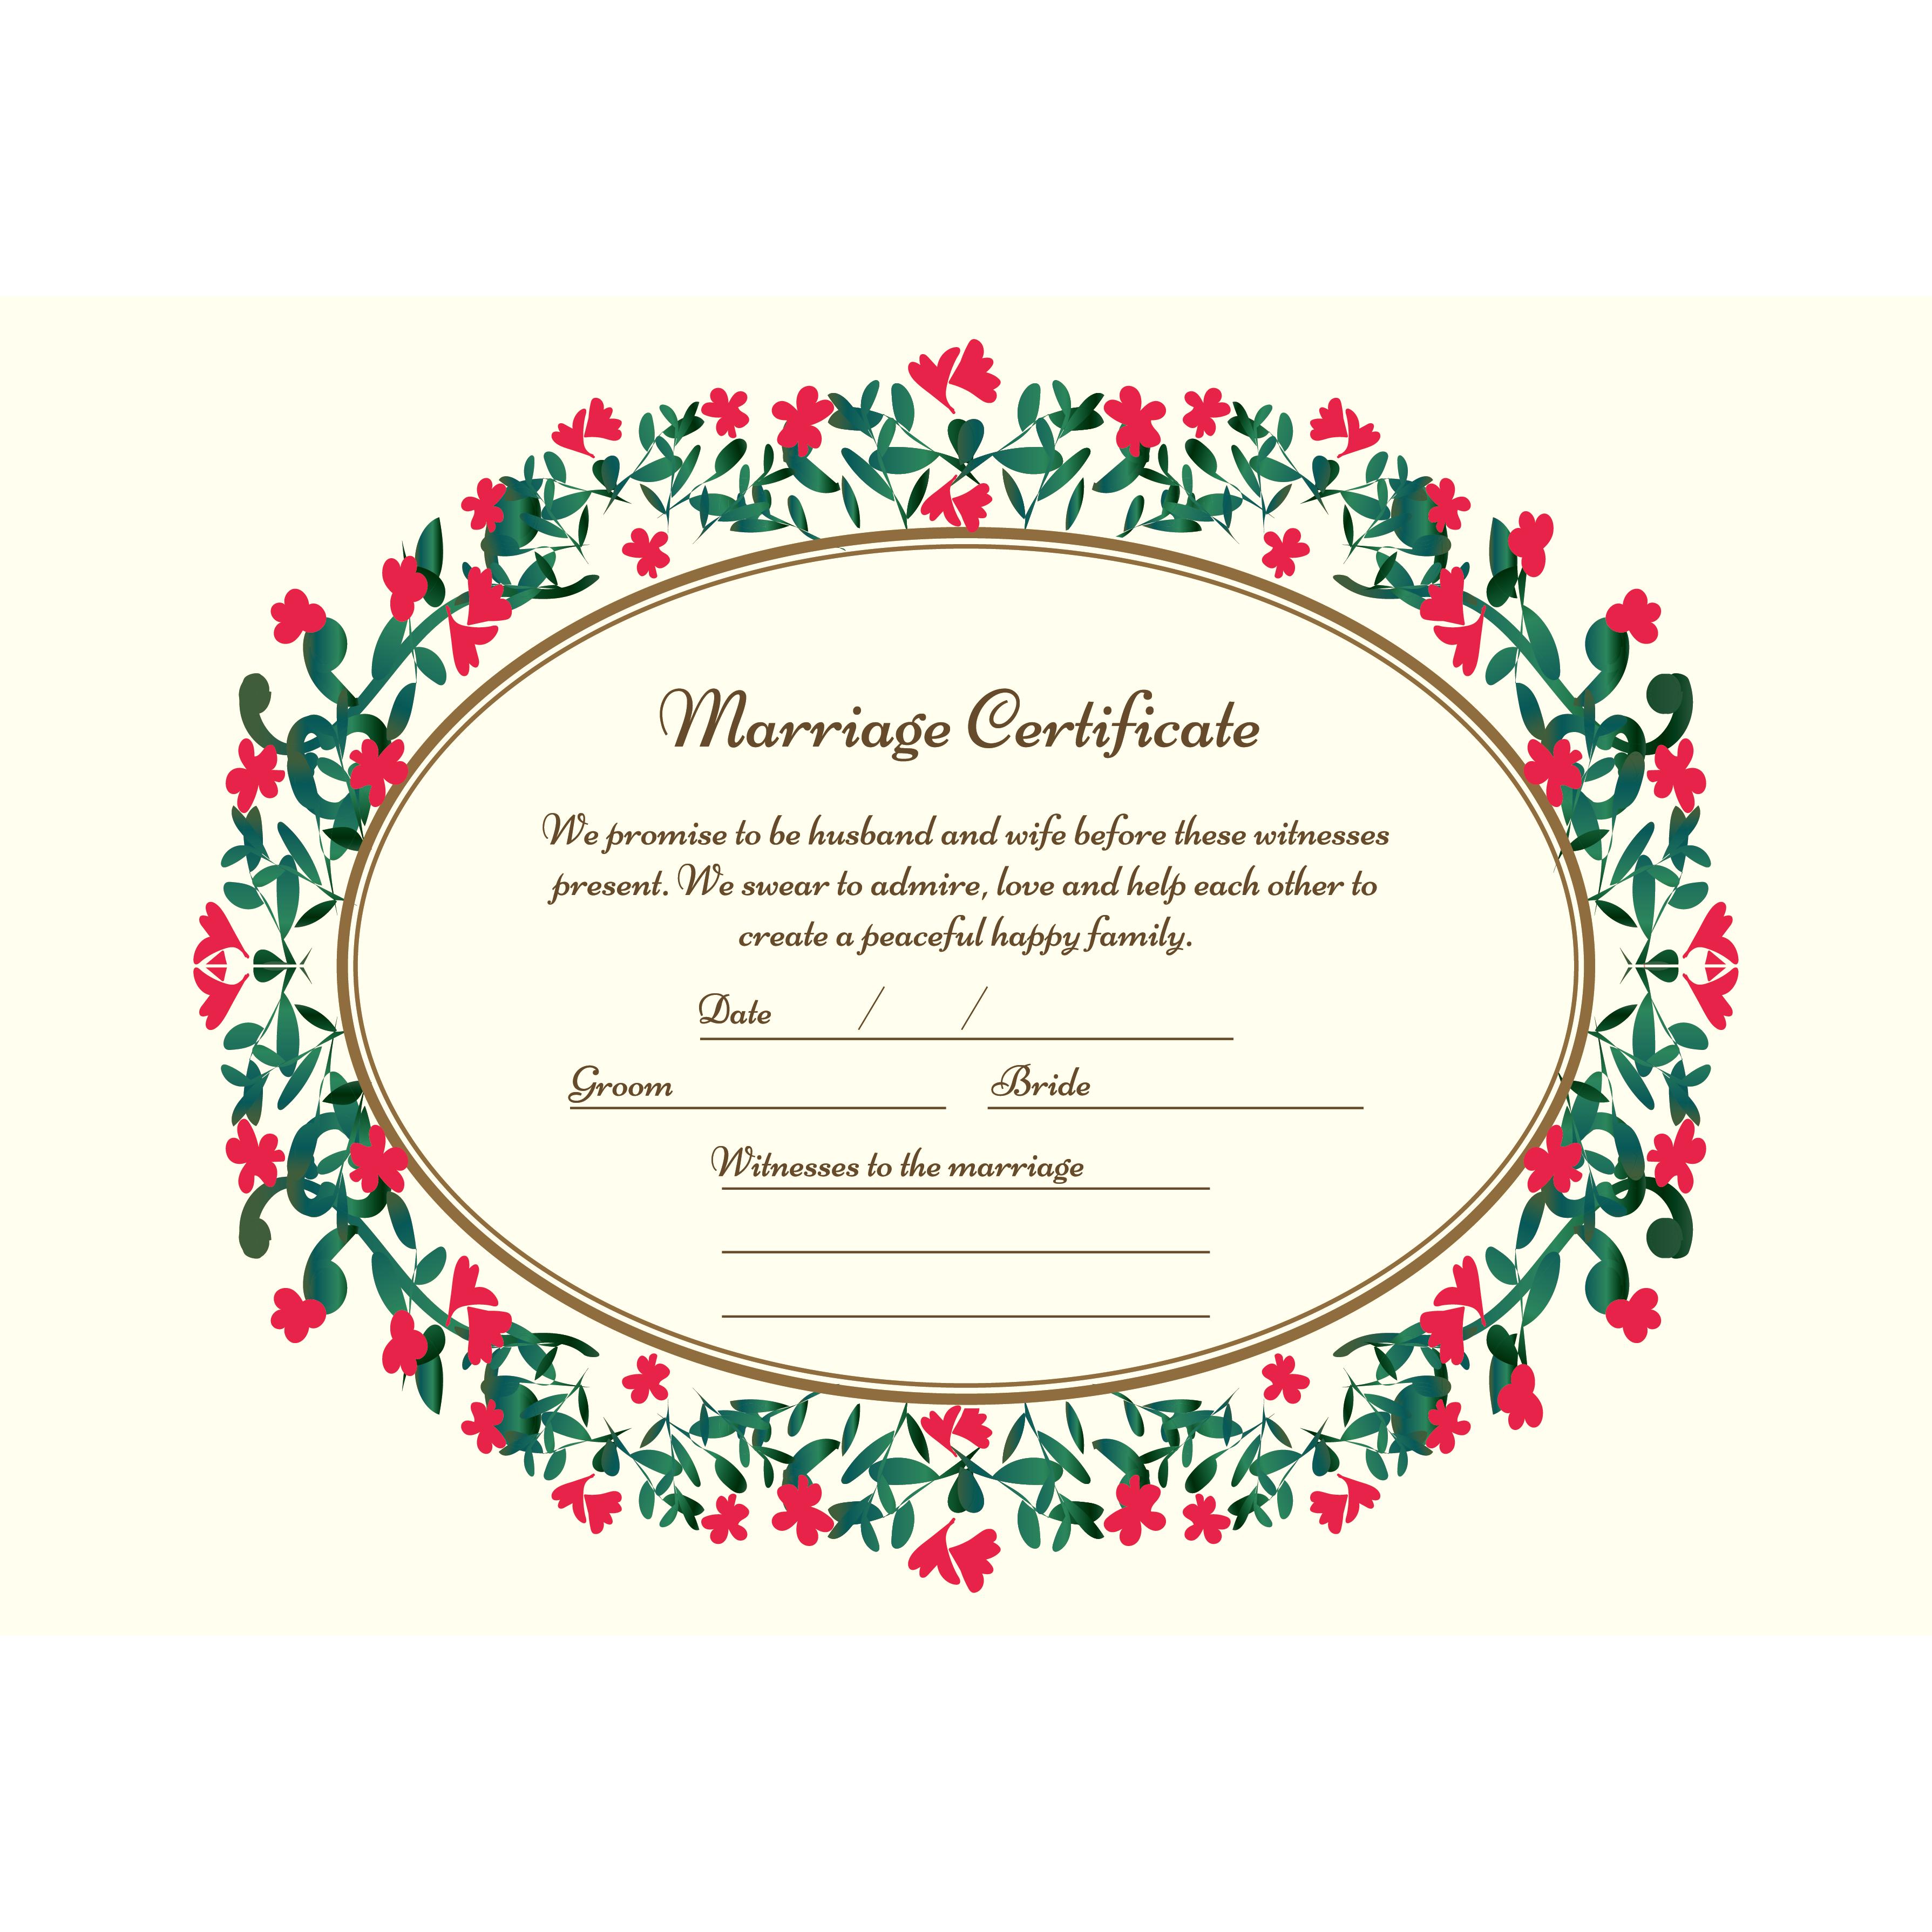 結婚証明書 英語 の テンプレート【横】 イラスト♪ビビットフラワー